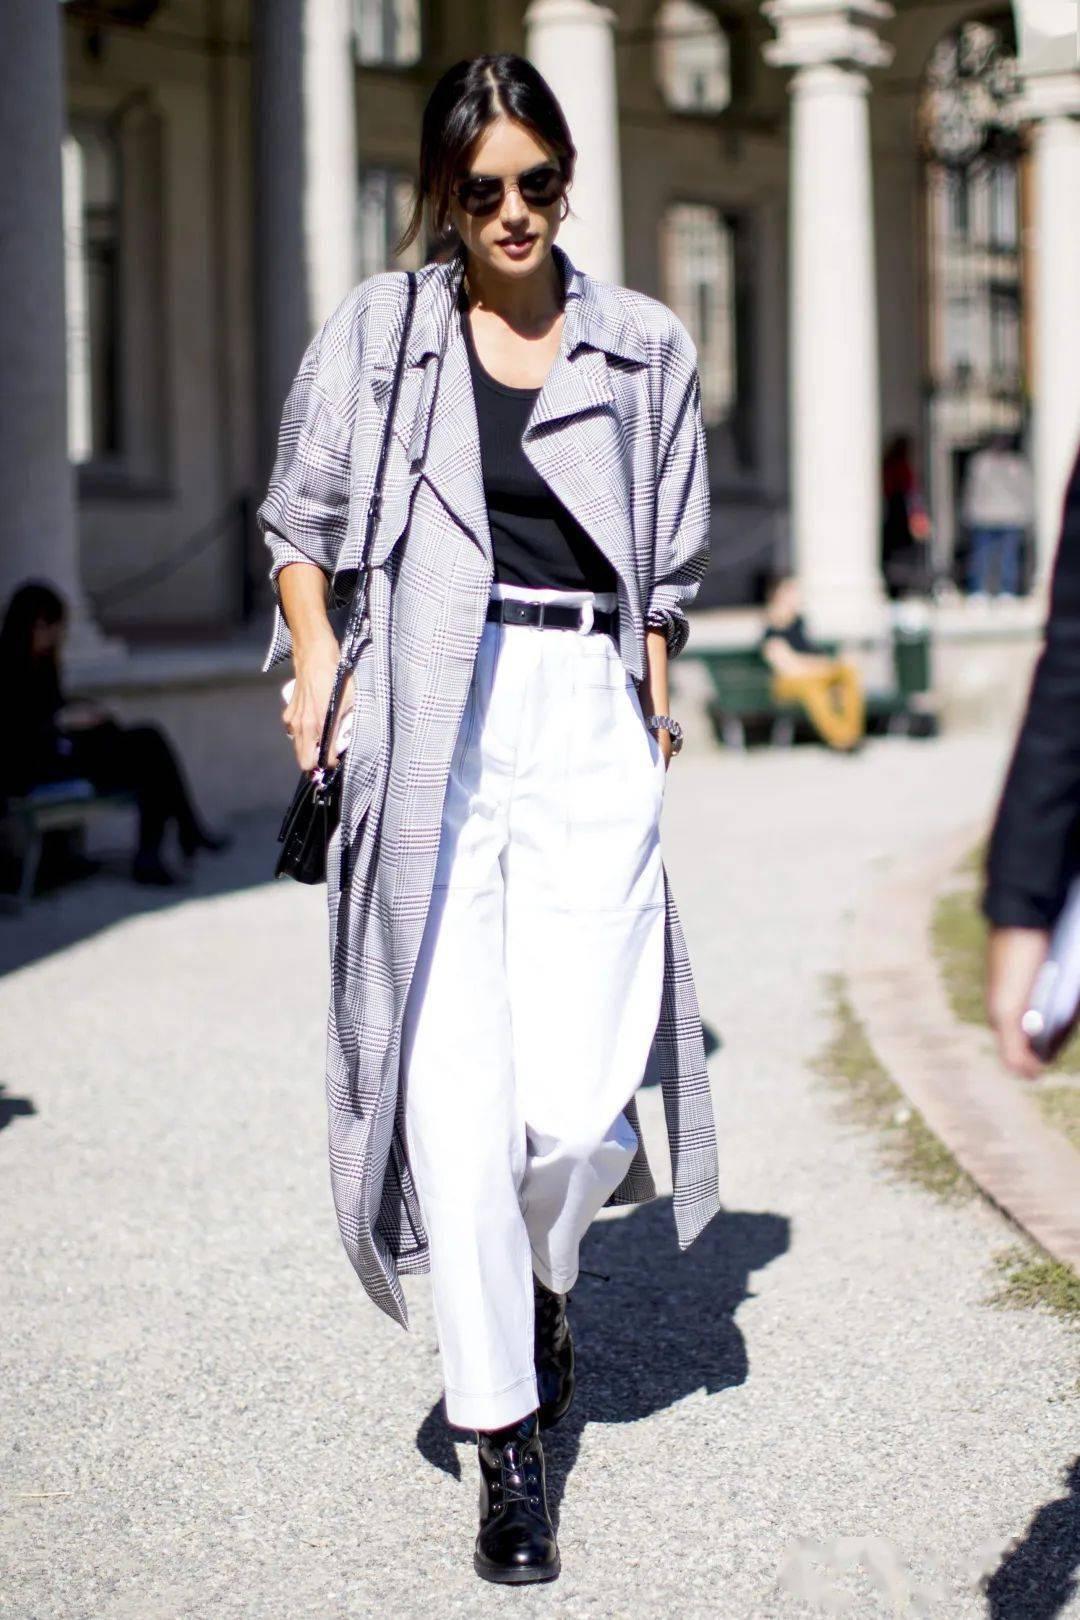 马丁靴+裙子,马丁靴+工装裤……又酷又撩,时髦炸了!     第56张